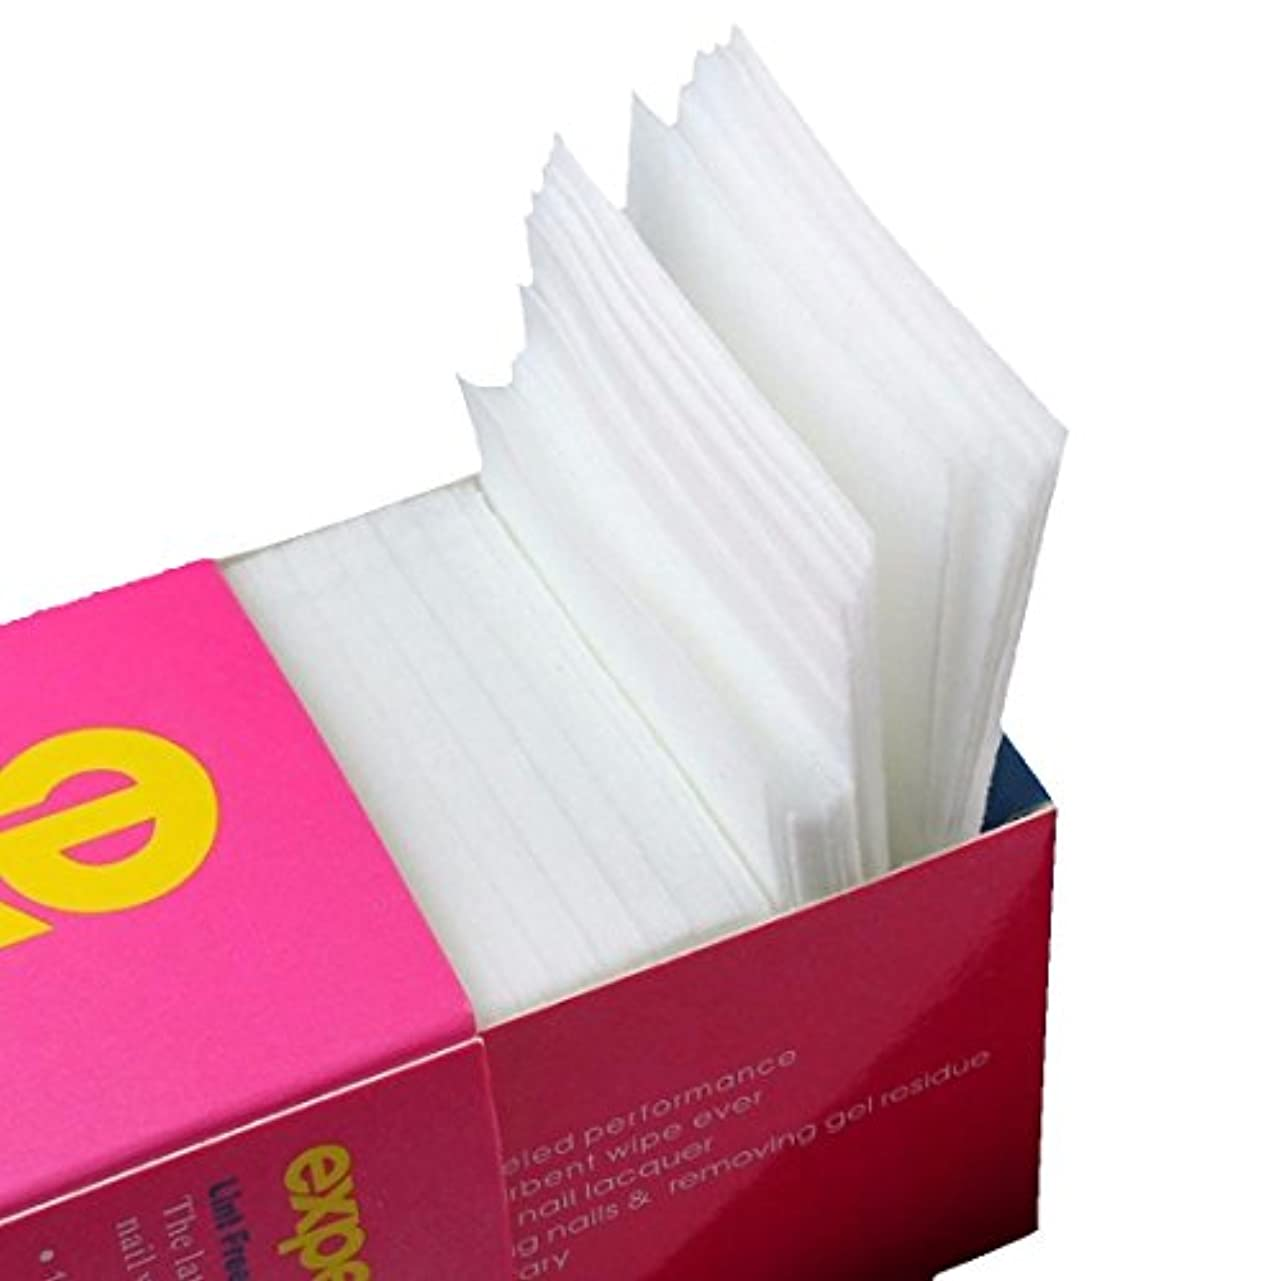 足公かろうじてSNOWINSPRING 325枚ネイルワイプリントフリーコットンパッド、ネイルジェル除去用不織布綿シートネイルポリッシュクリーニングパッド